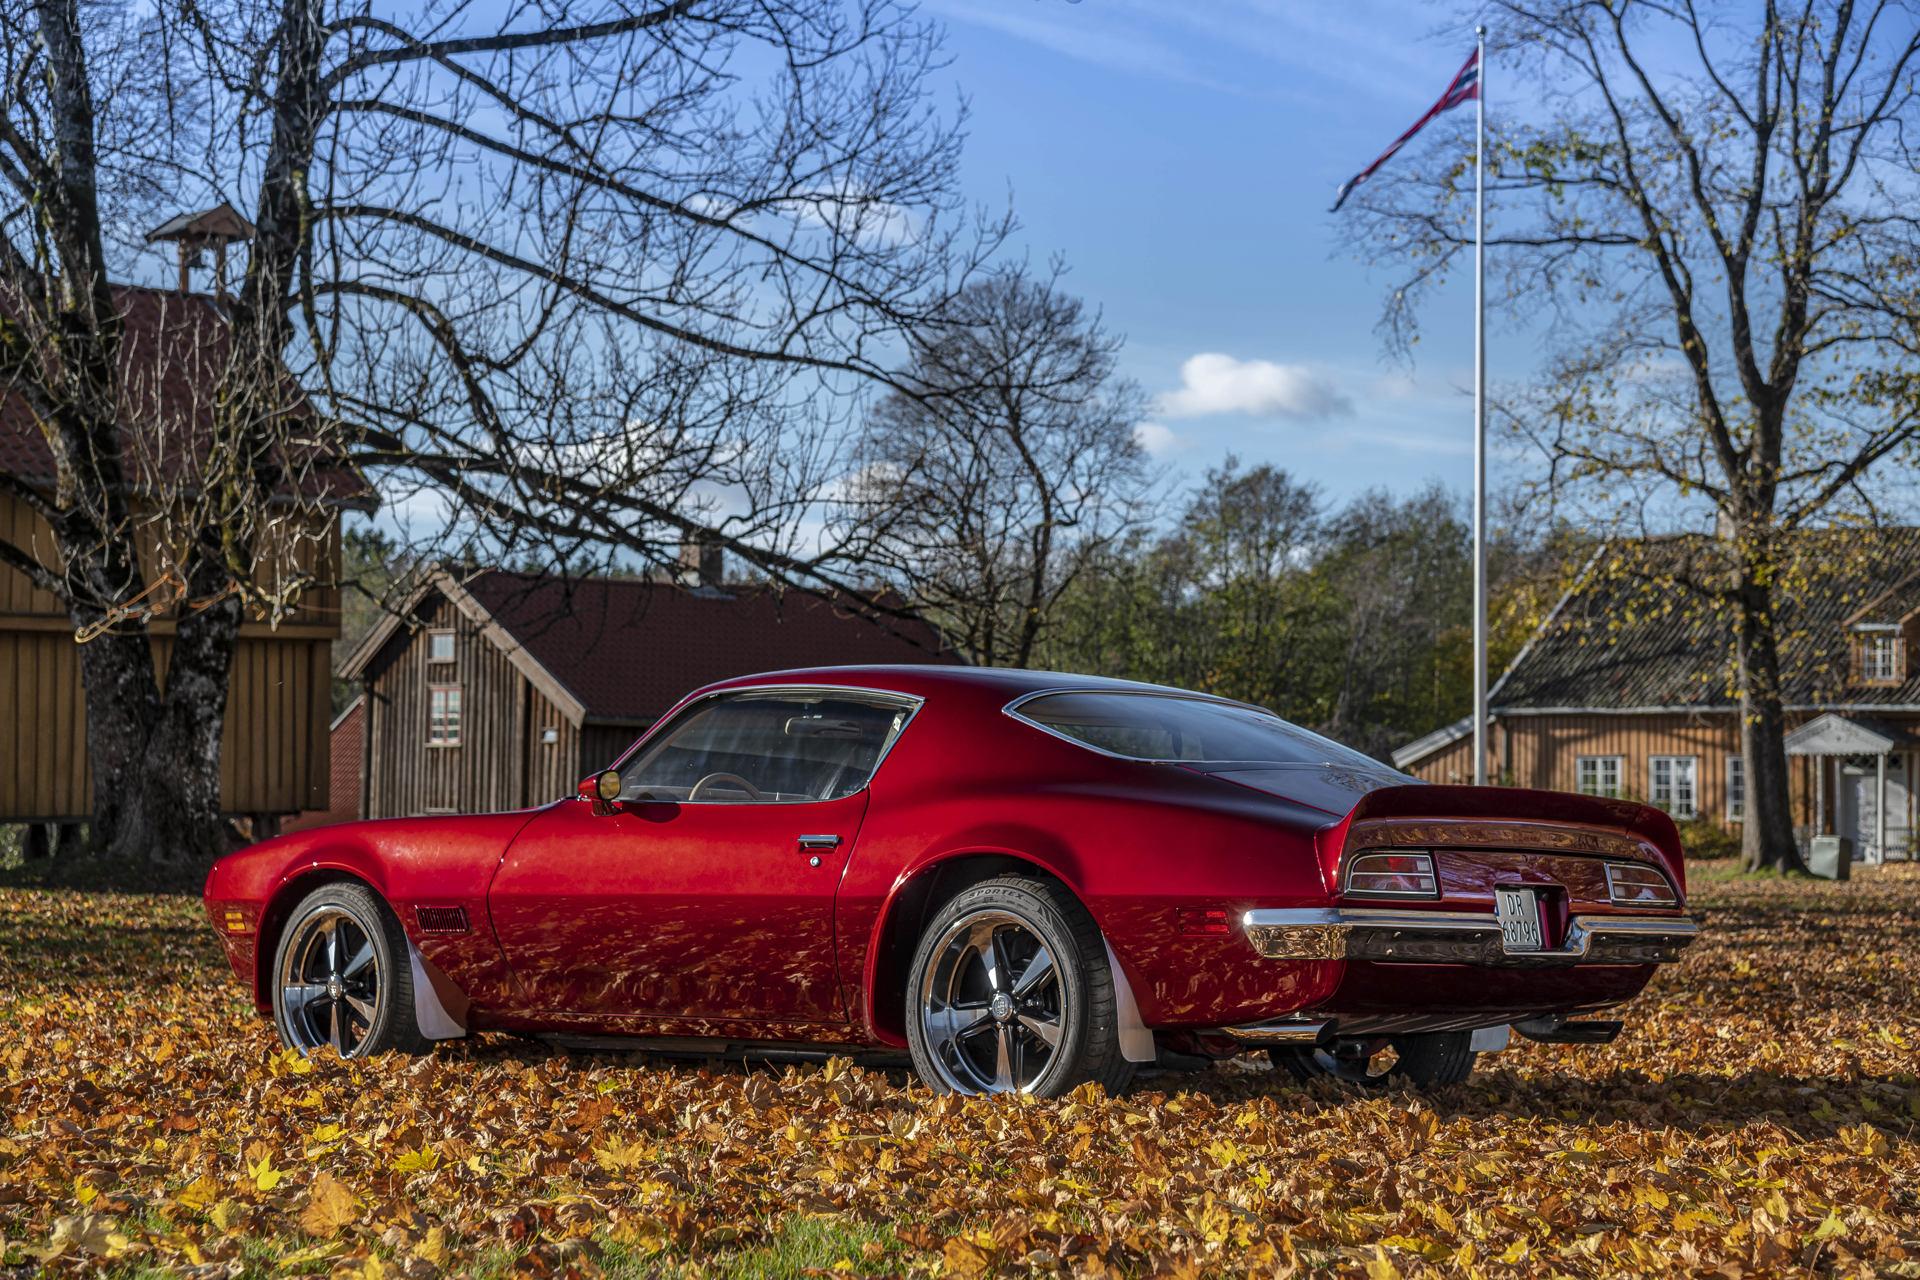 239-1971 Pontiac Firebird 350 03. Eier- medlem 239